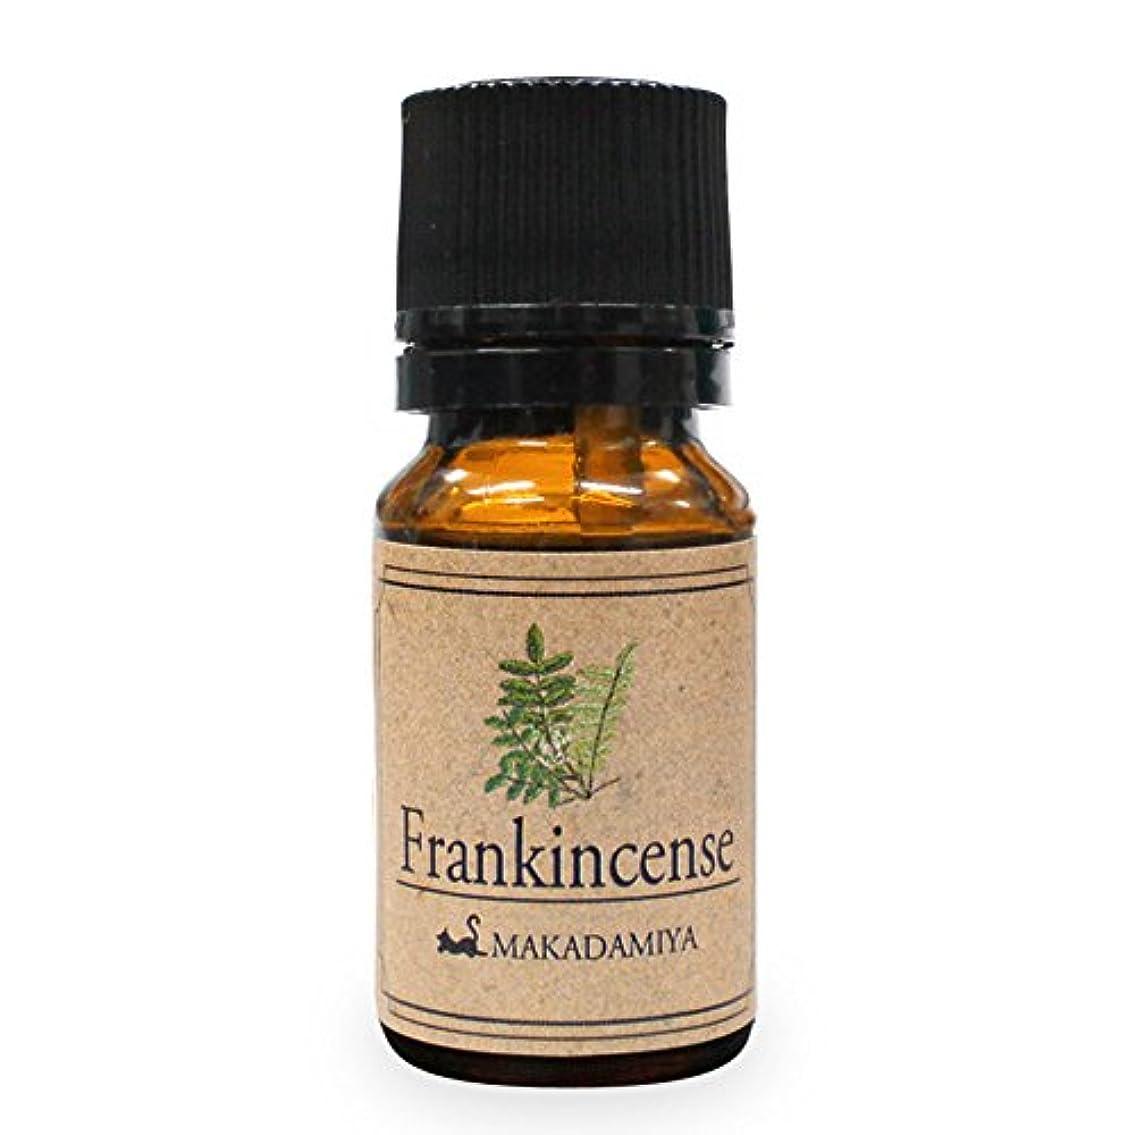 風が強いビリーヤギ再編成するフランキンセンス10ml 天然100%植物性 エッセンシャルオイル(精油) アロマオイル アロママッサージ aroma Frankincense